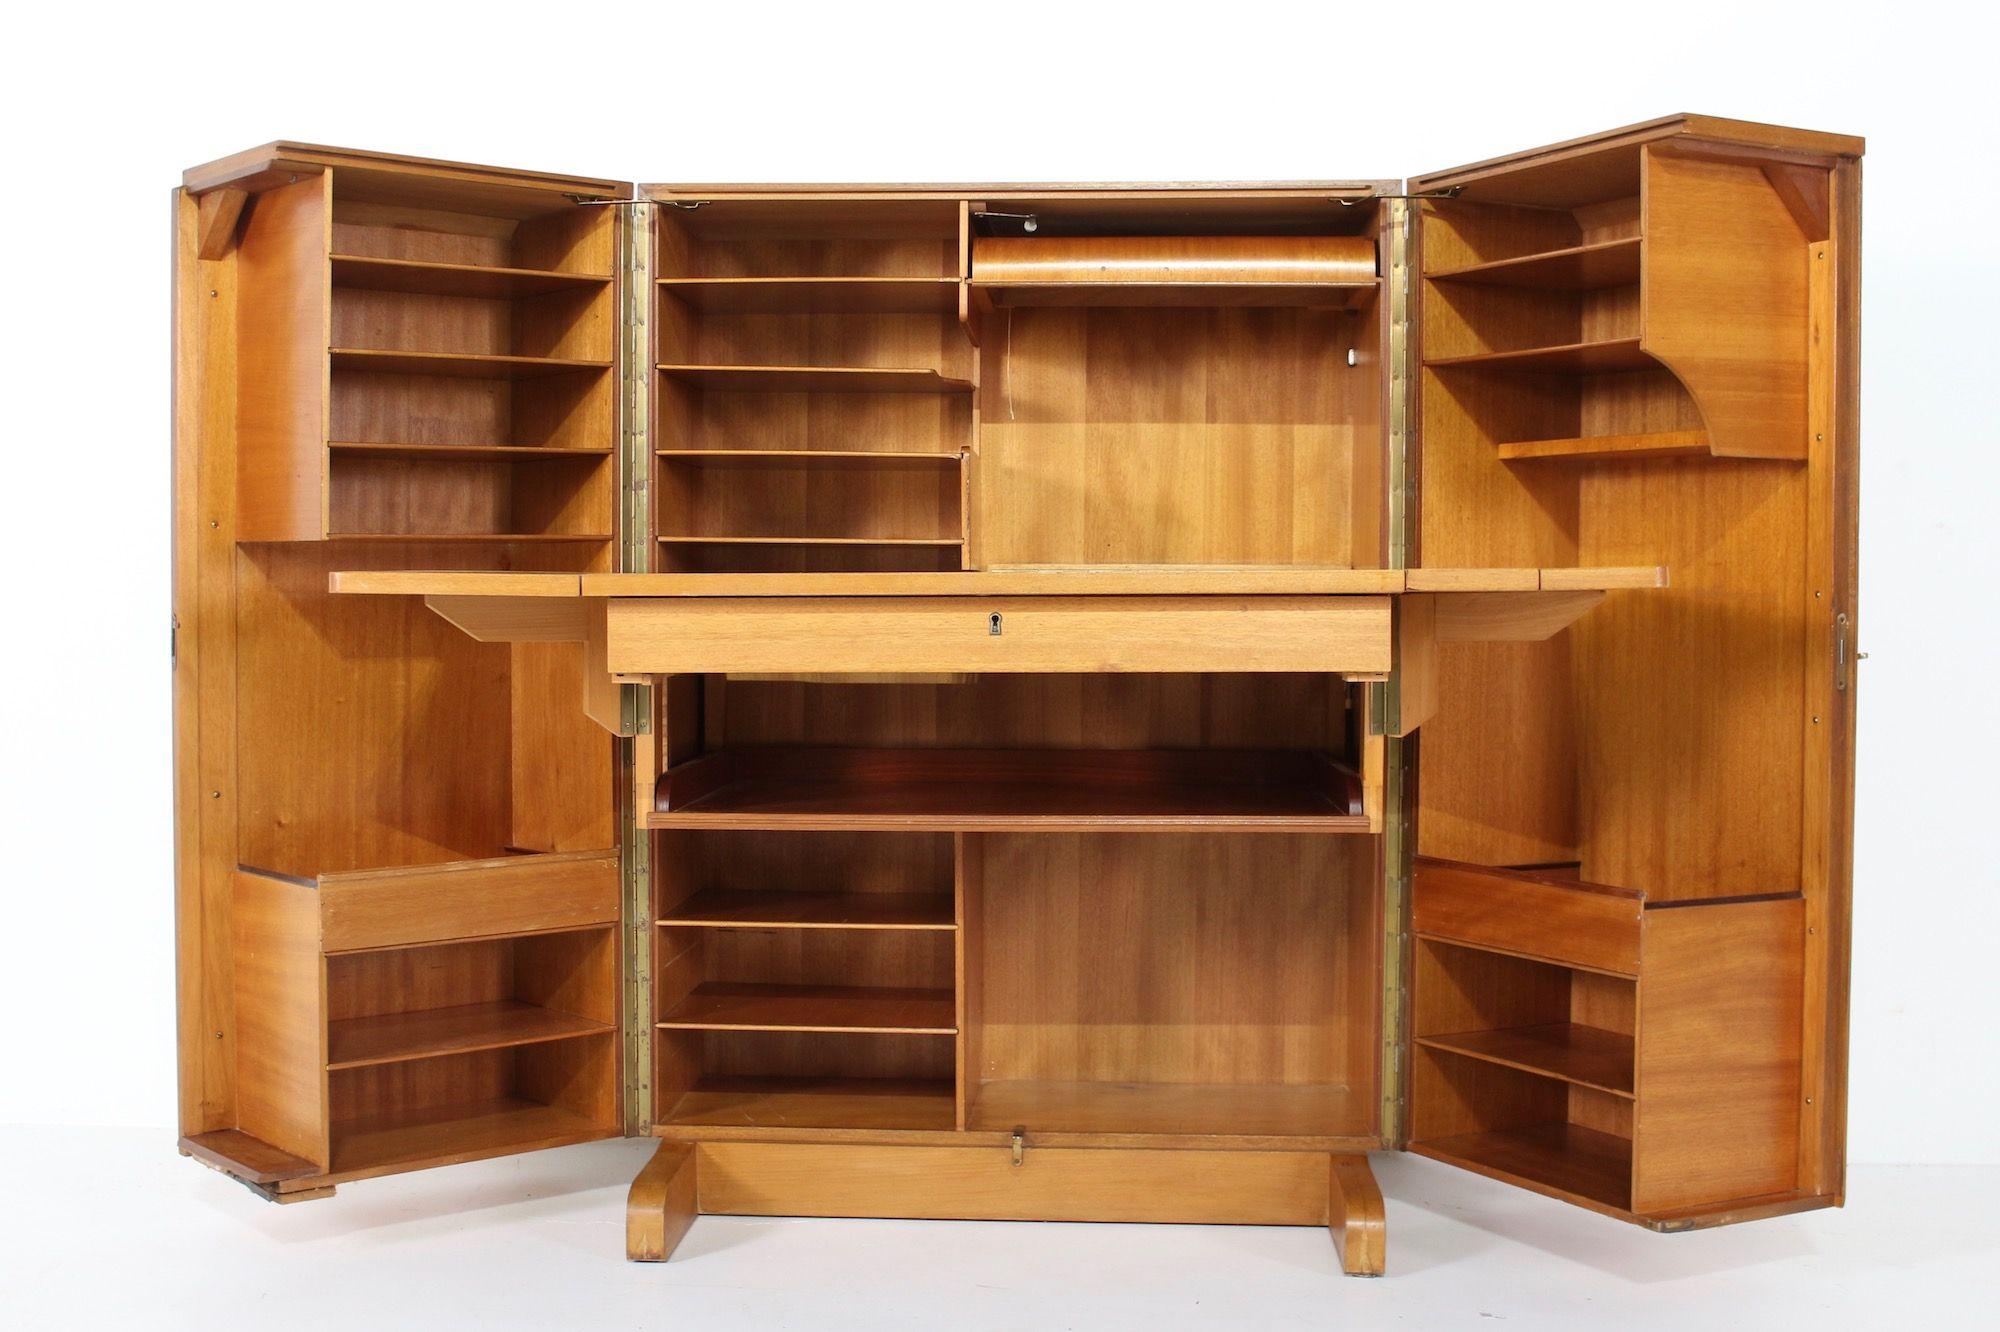 Bureau Escamotable Magic Box Mummenthaler Meier Meubles Vintage Liege En 2020 Bureau Escamotable Meuble Vintage Mobilier De Salon